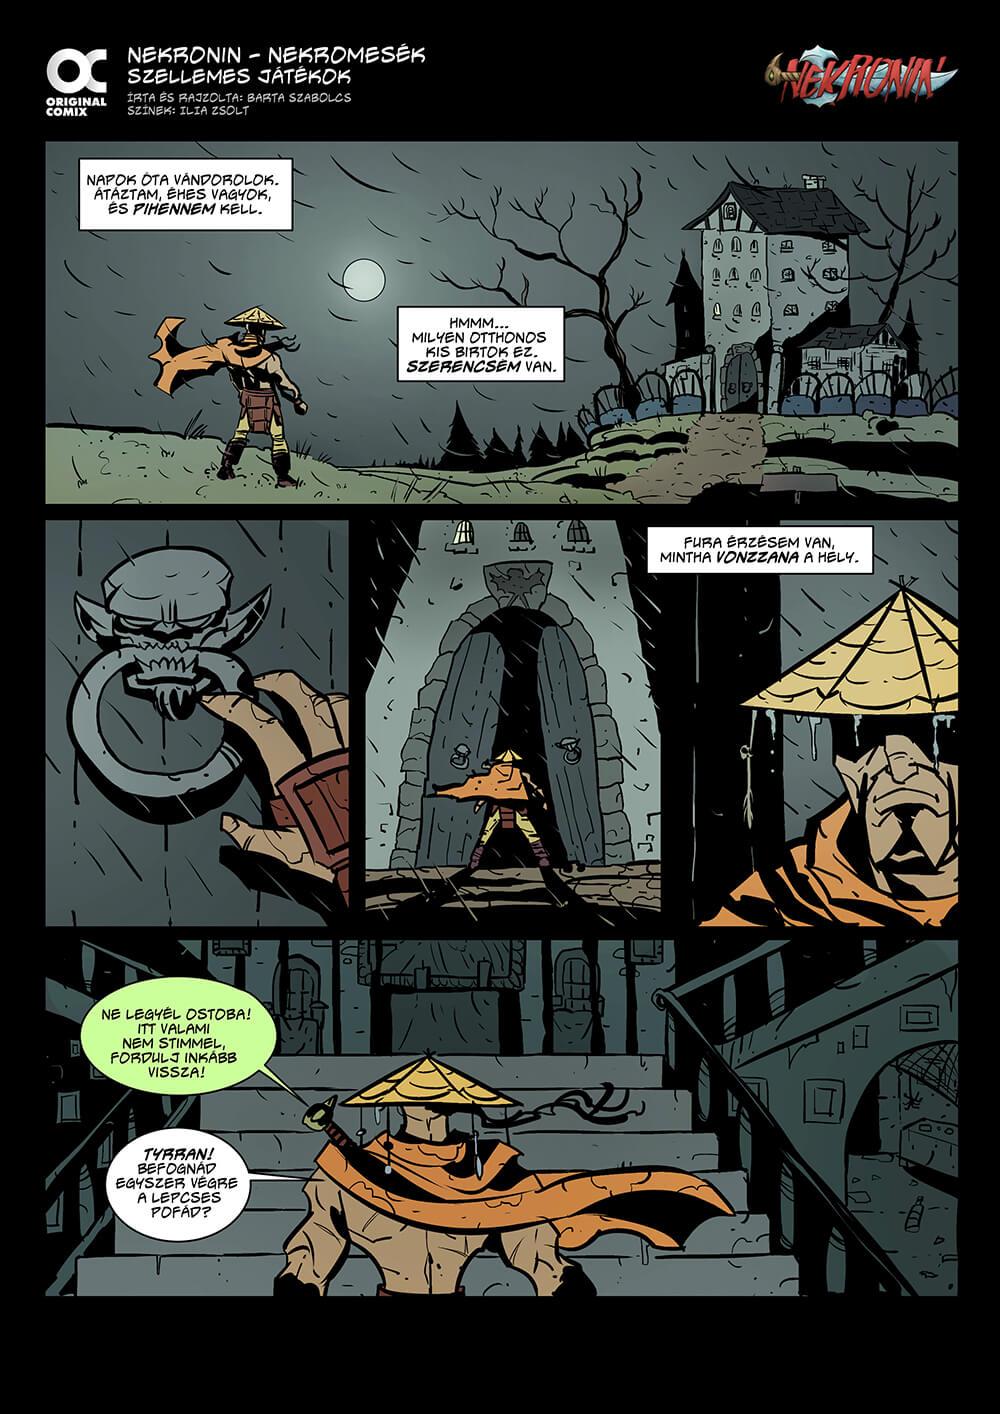 Nekronin Halloween Special P01